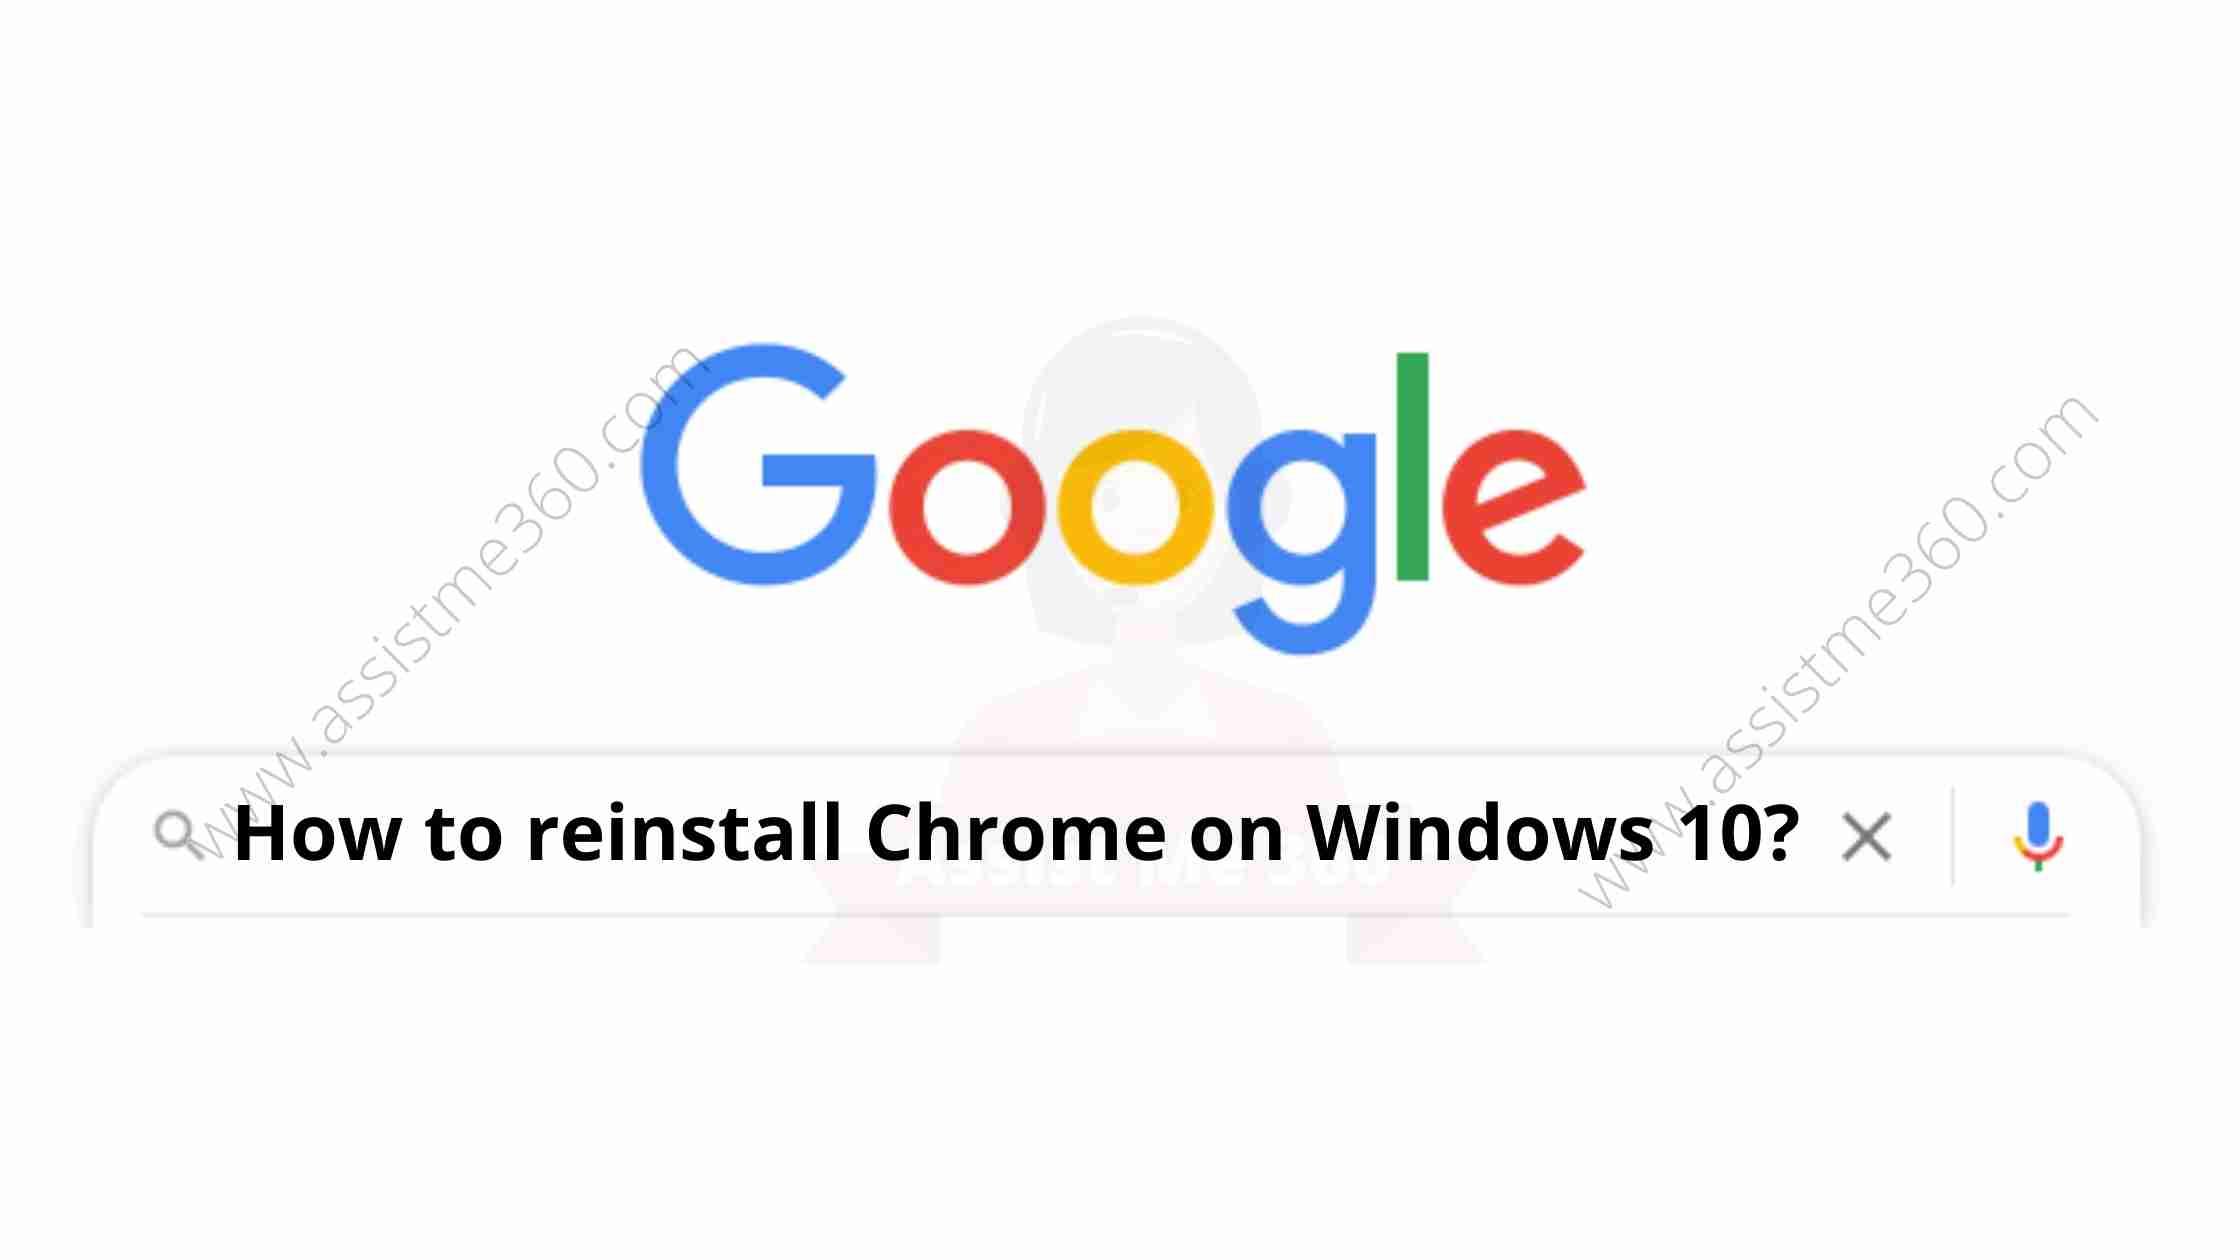 How to reinstall Chrome